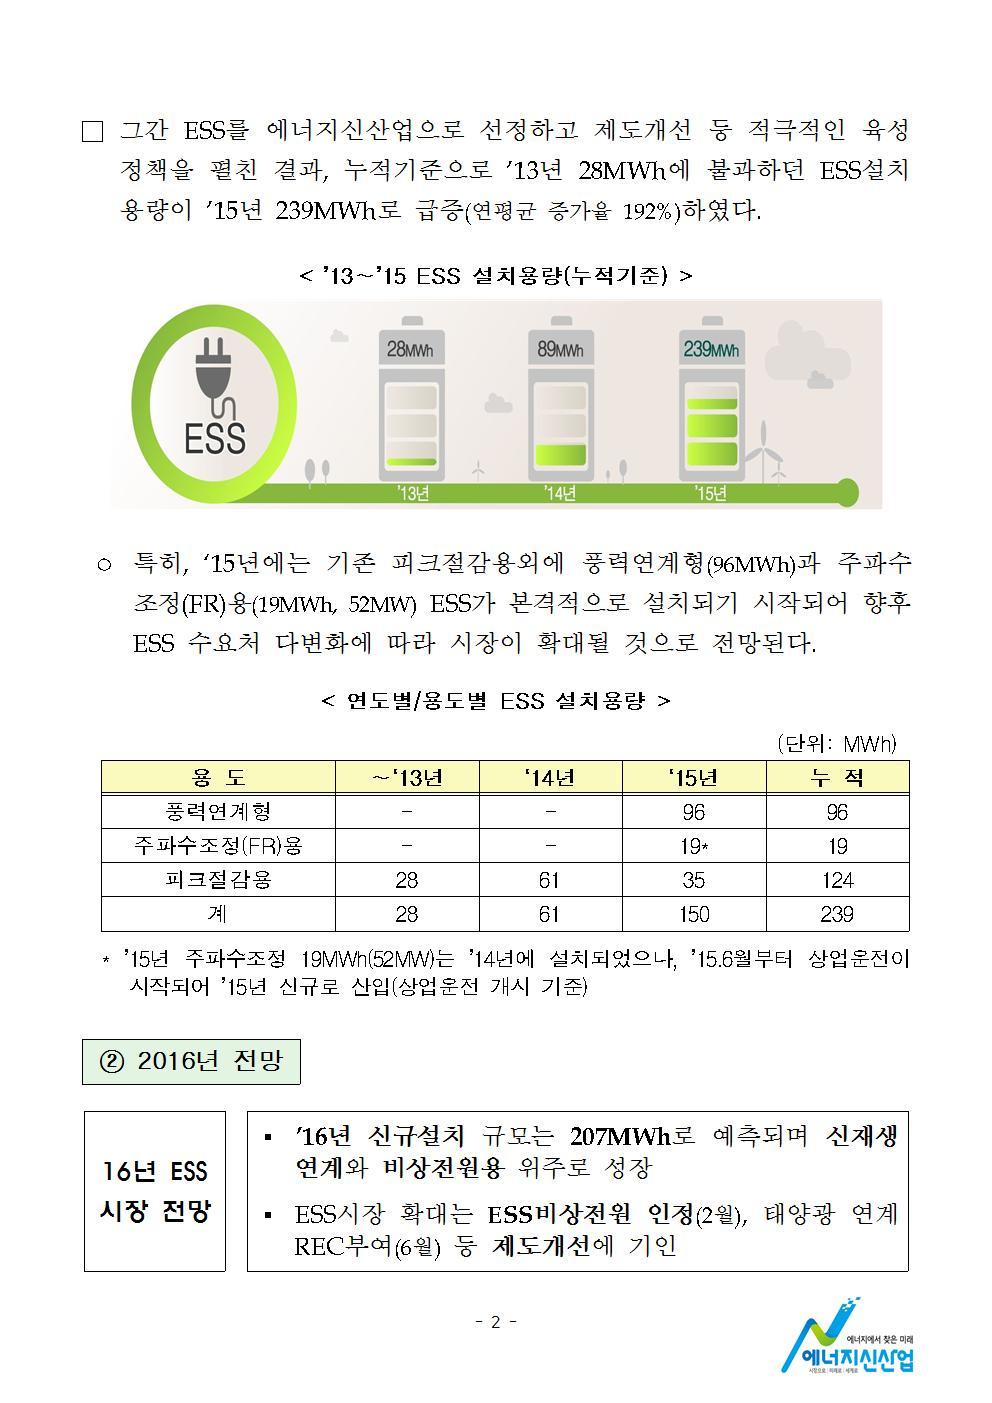 160420 (21일석간) 에너지신산업정책과, 에너지신산업 현장방문.hwp002.jpg